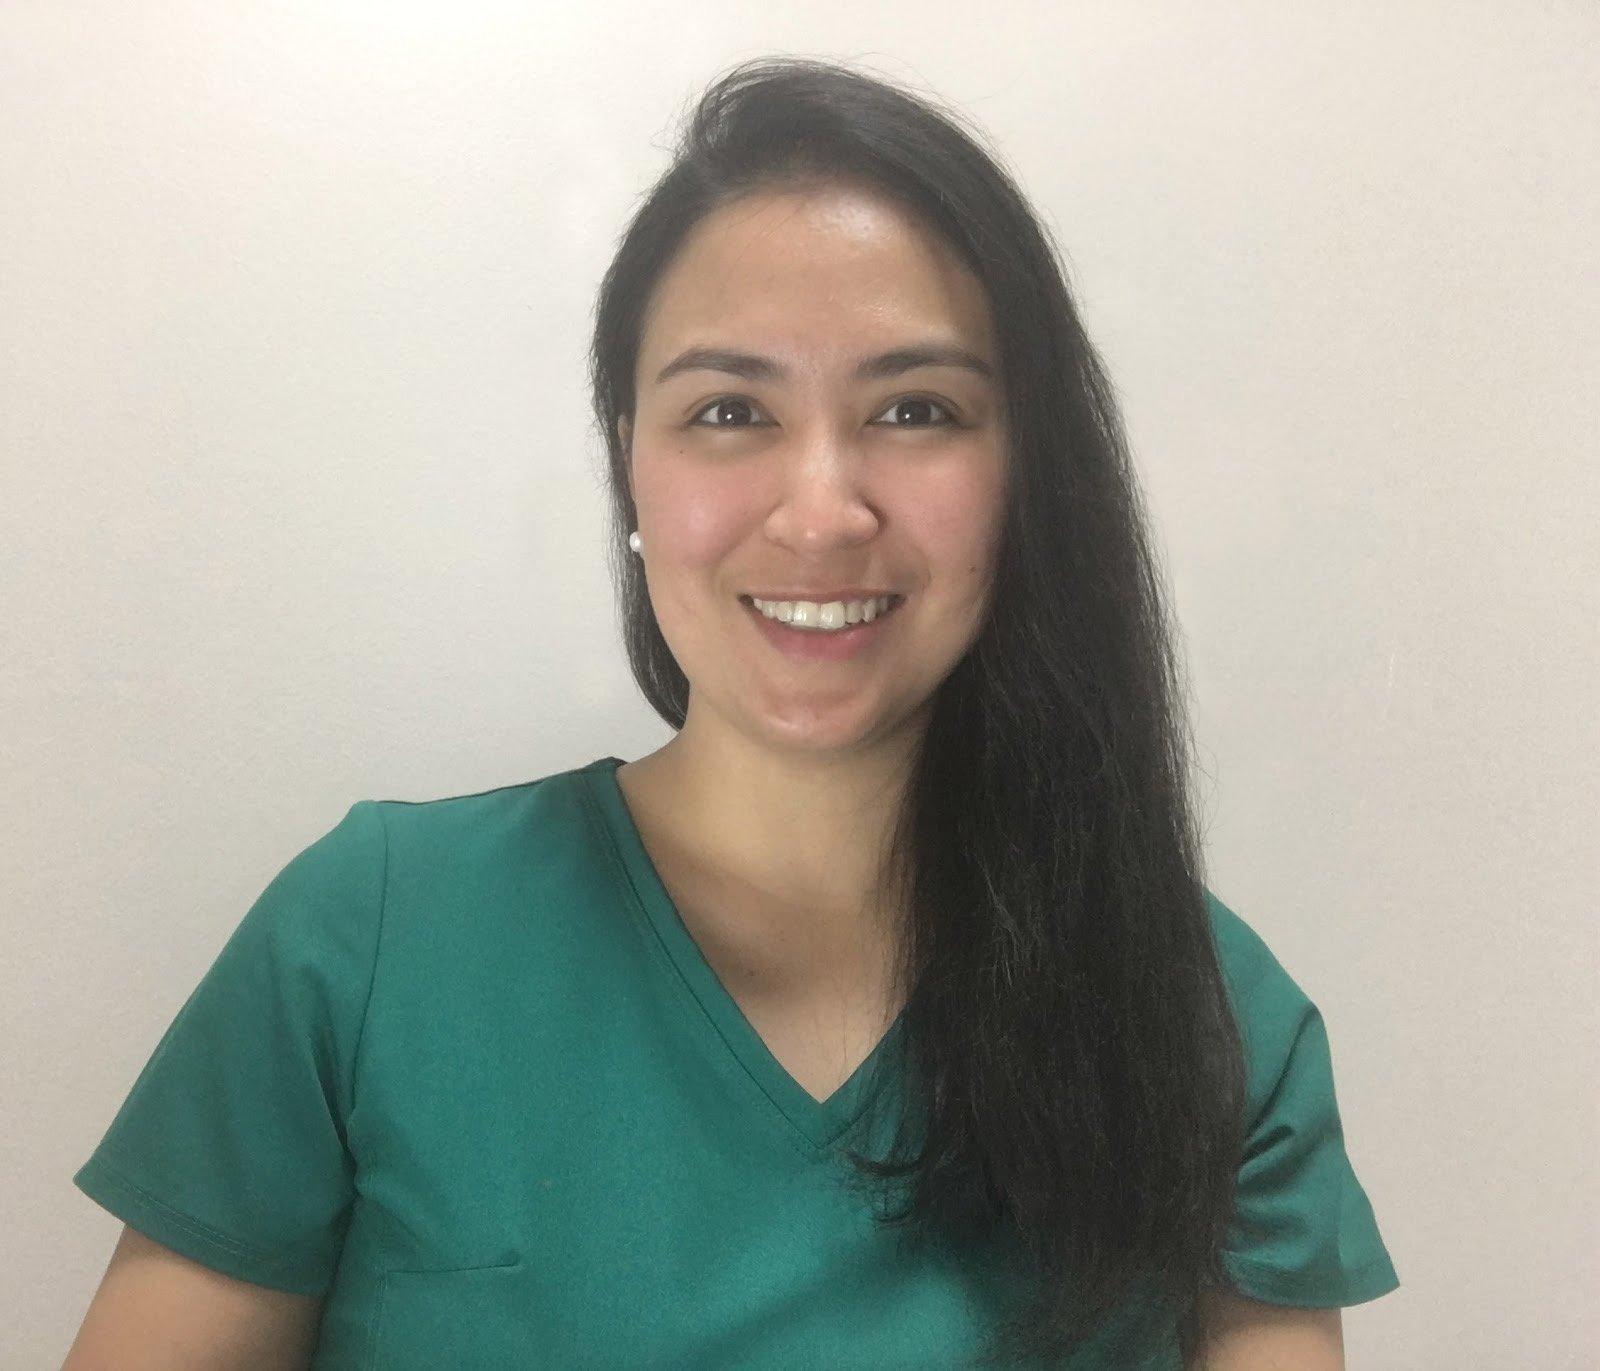 Chiropractor in Tampa, FL | Justine Nierras